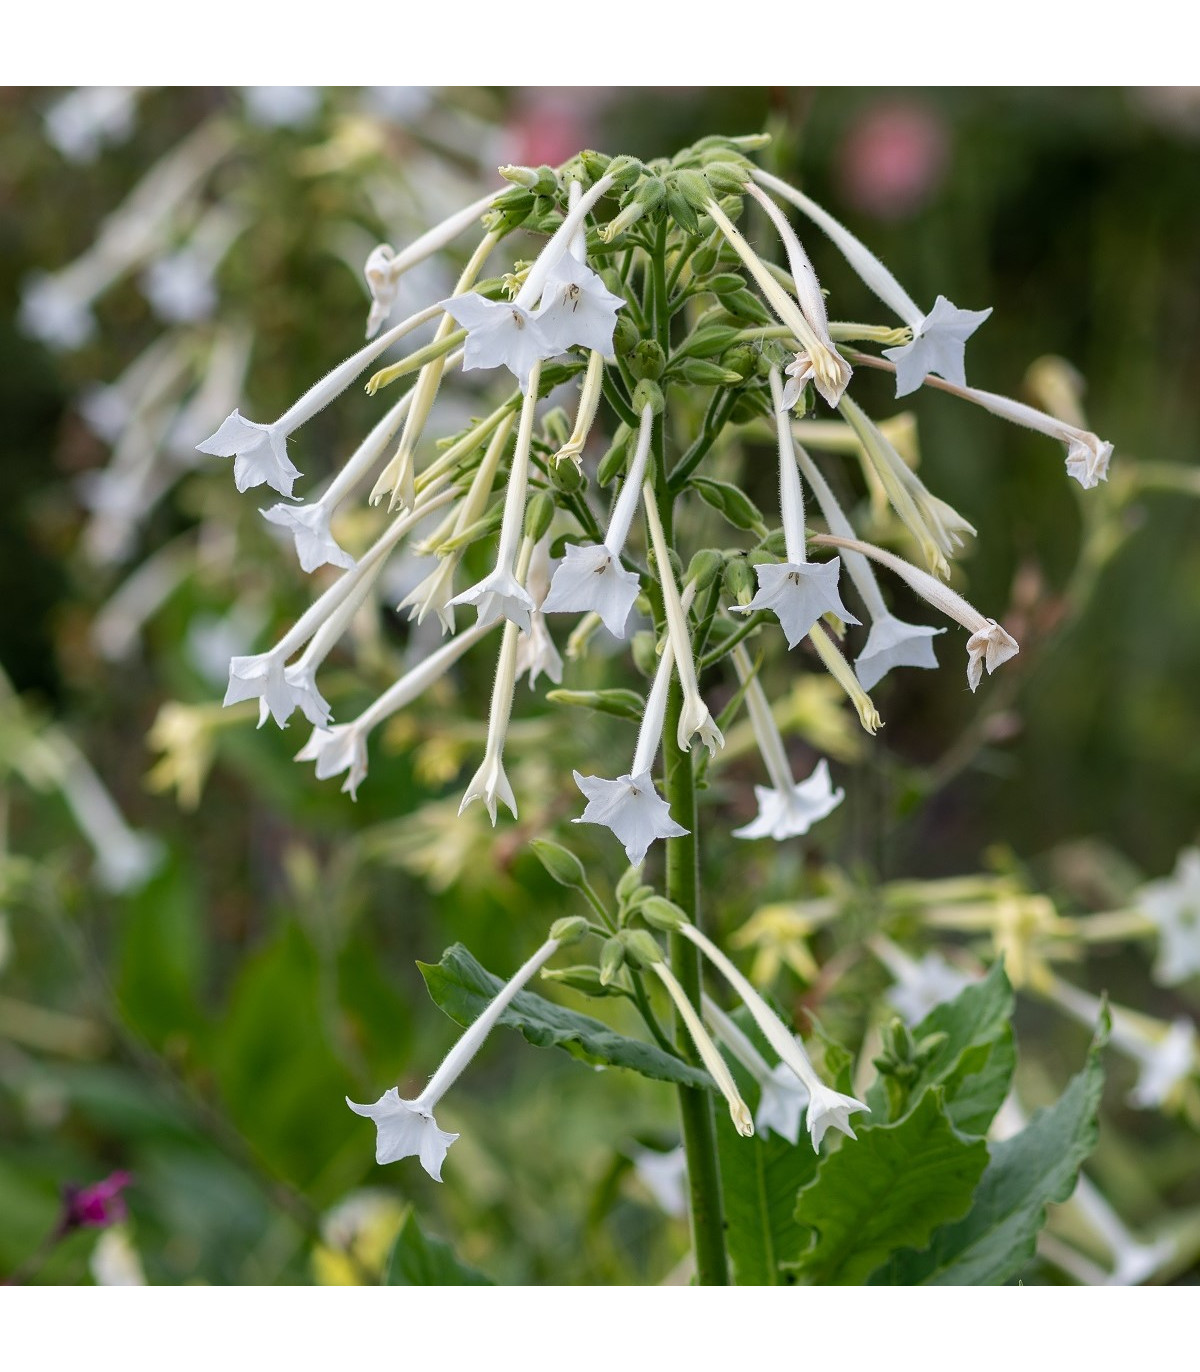 Tabák planý - Nicotiana sylvestris - semena tabáku - 200 ks